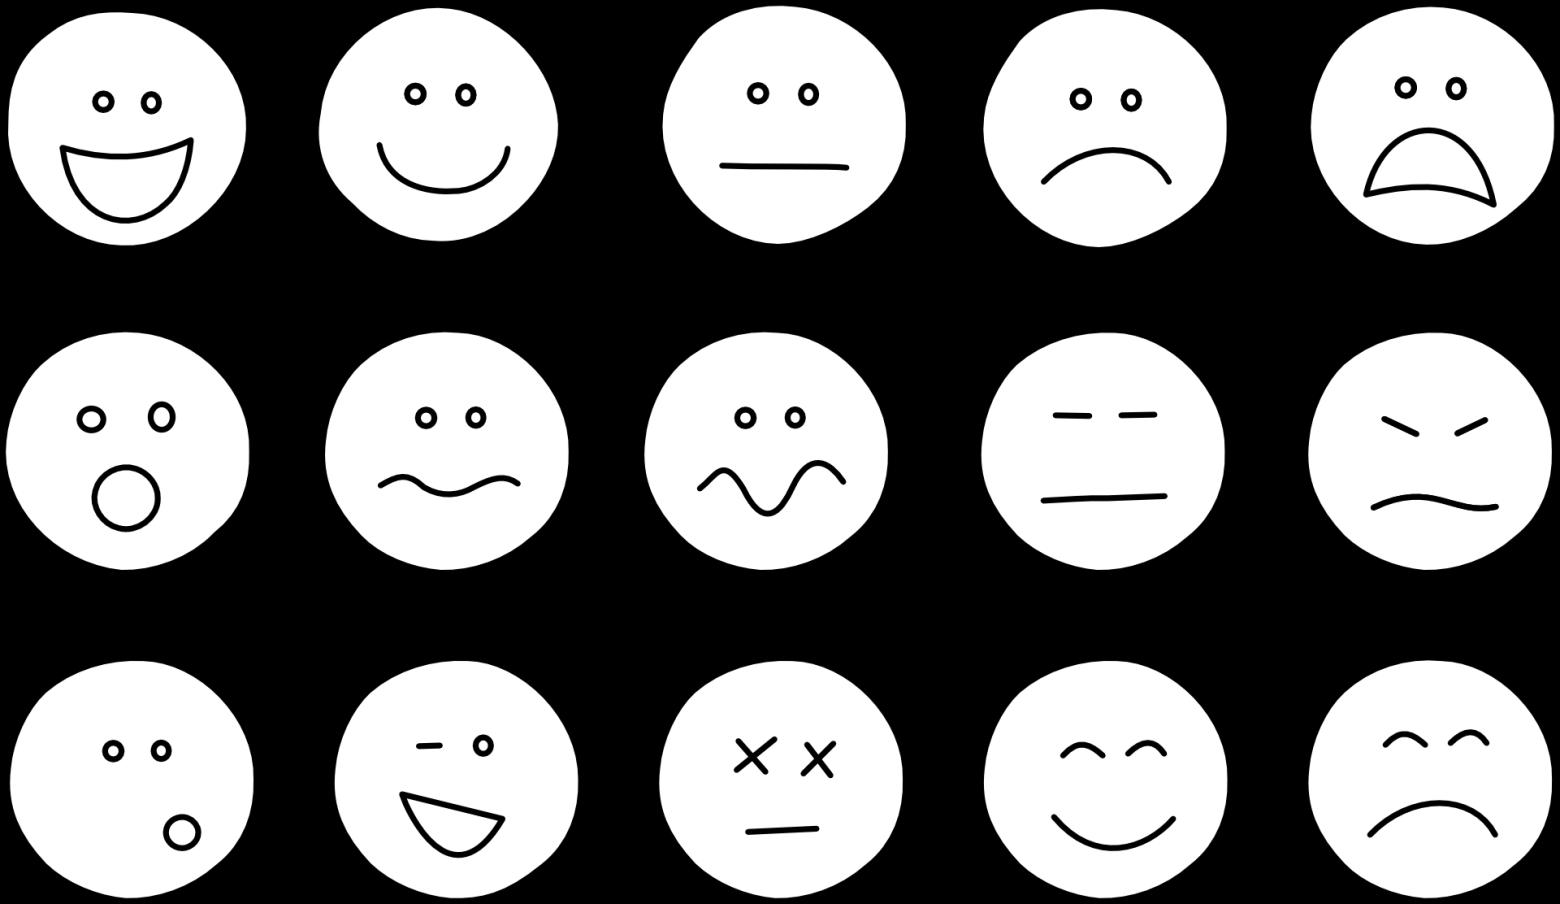 Smiley symbole motic nes images gratuites images - Smiley en noir et blanc ...